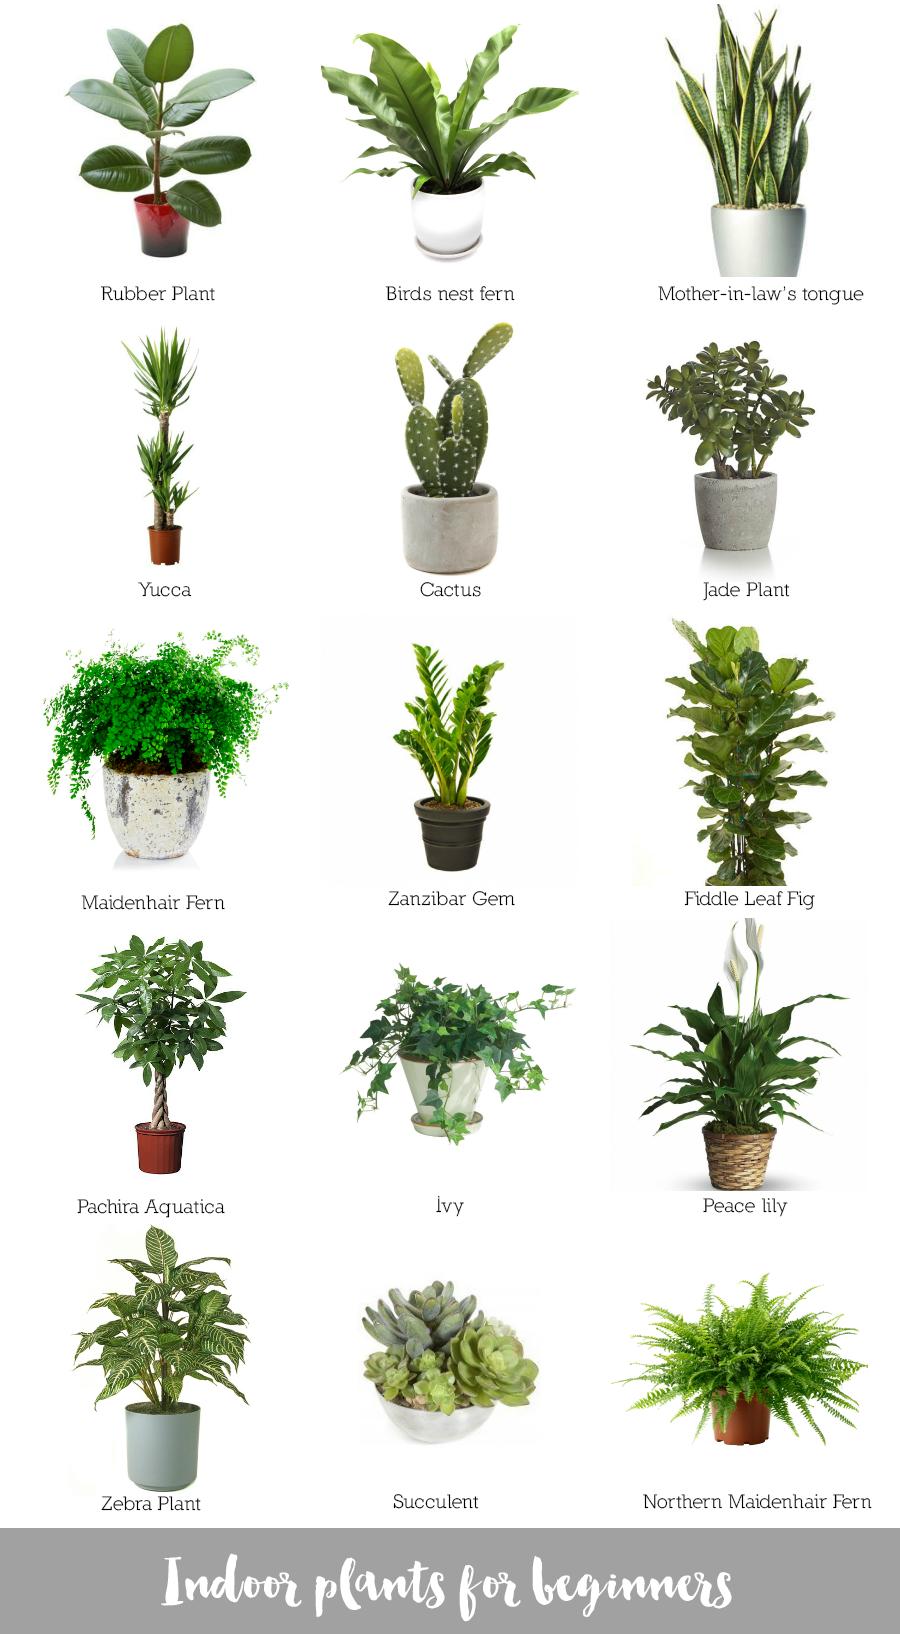 Indoor plants for beginners Plants, Indoor plants